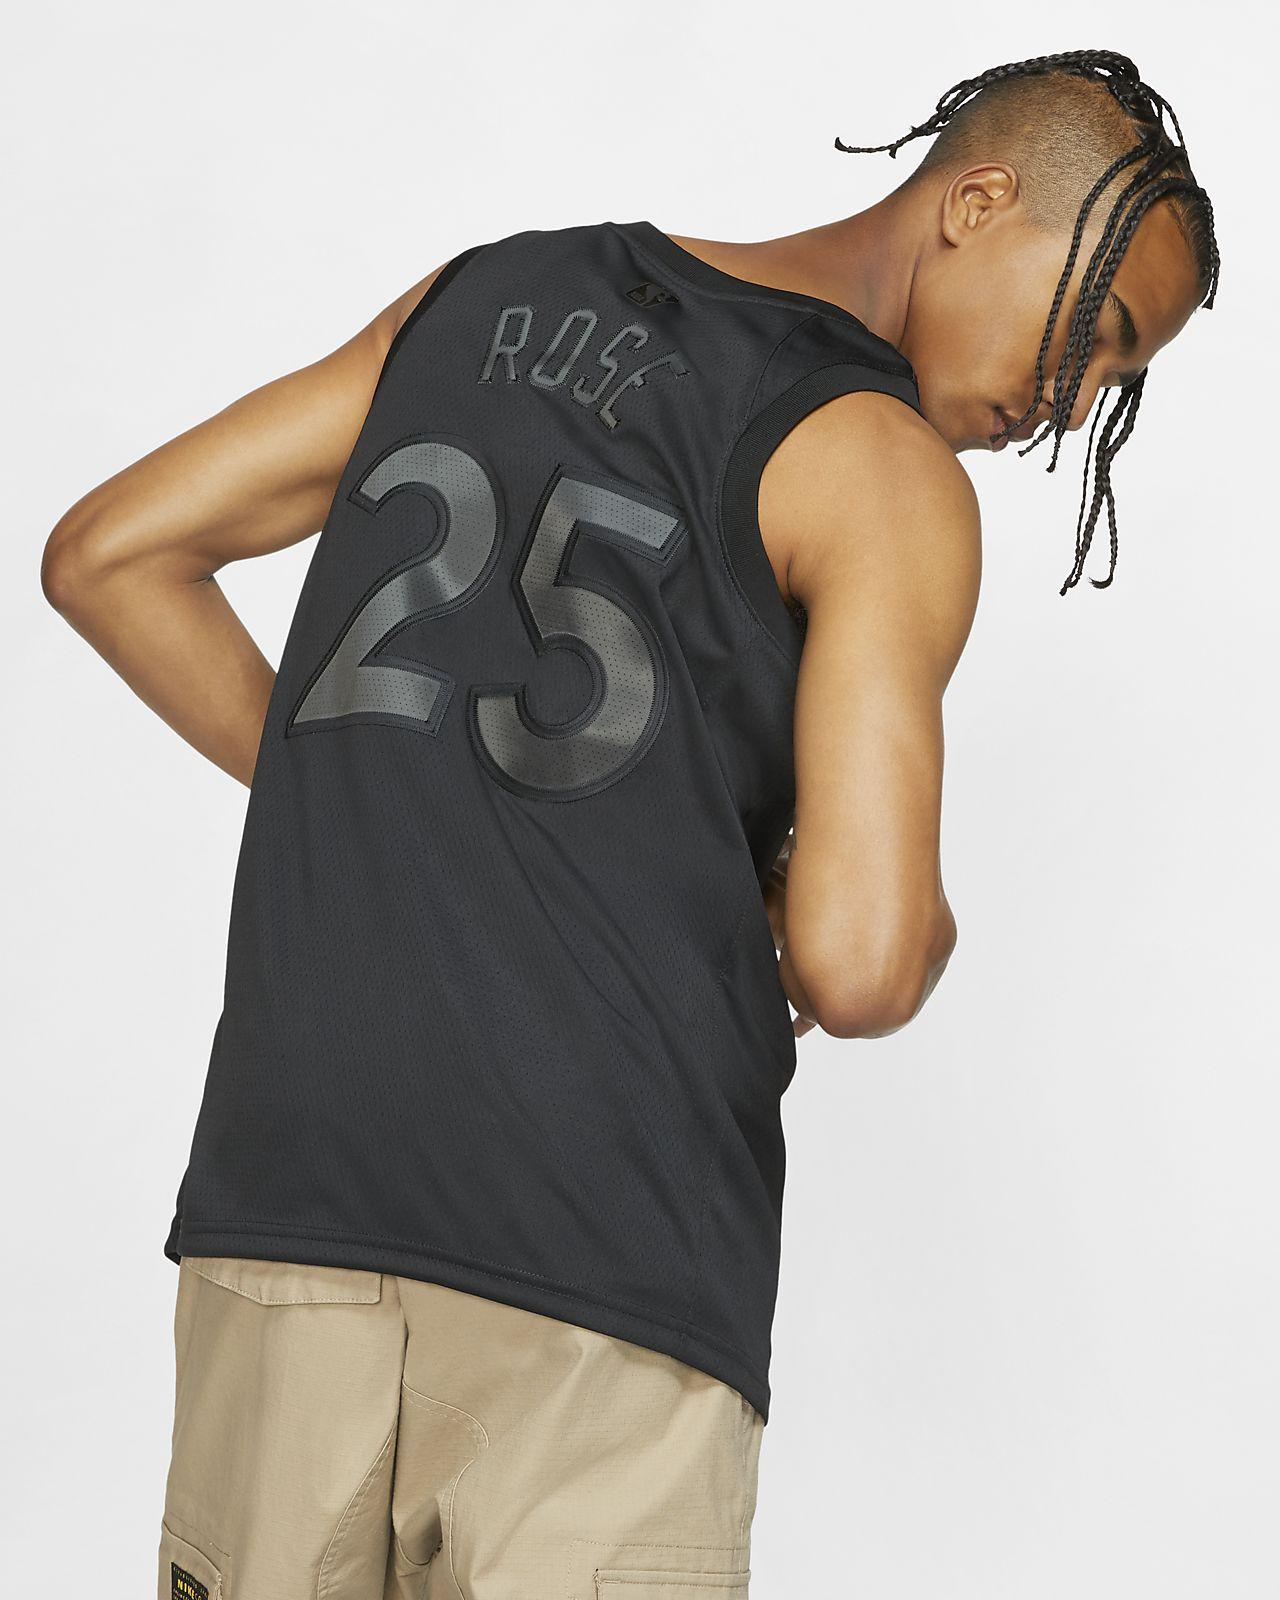 Derrick Rose # 25 Jersey Basketball Masculin NBA Minnesota